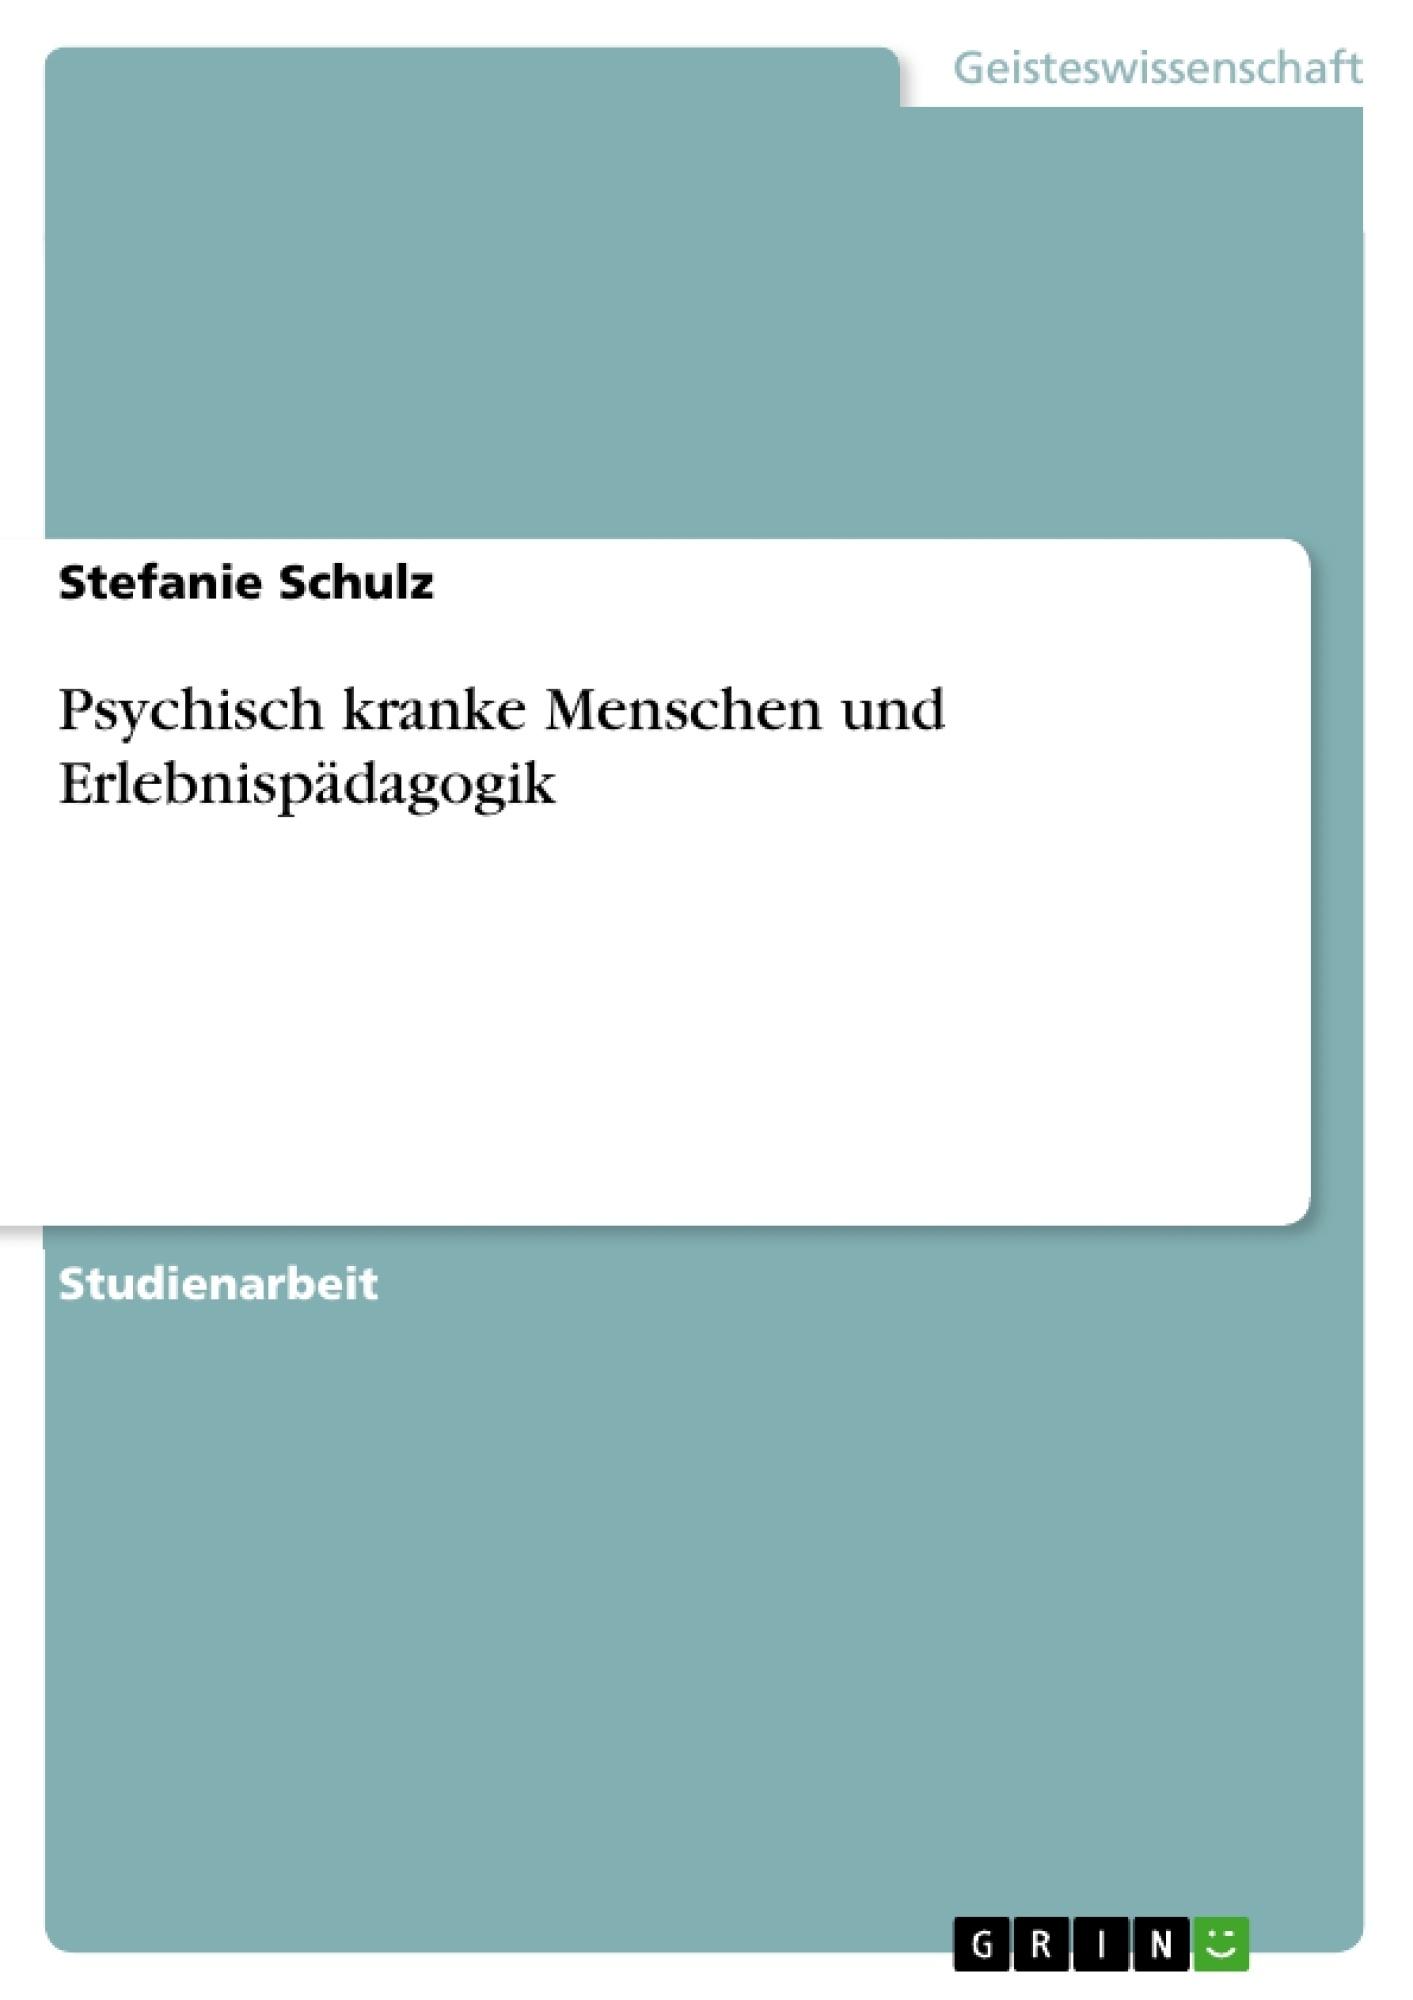 Titel: Psychisch kranke Menschen und Erlebnispädagogik